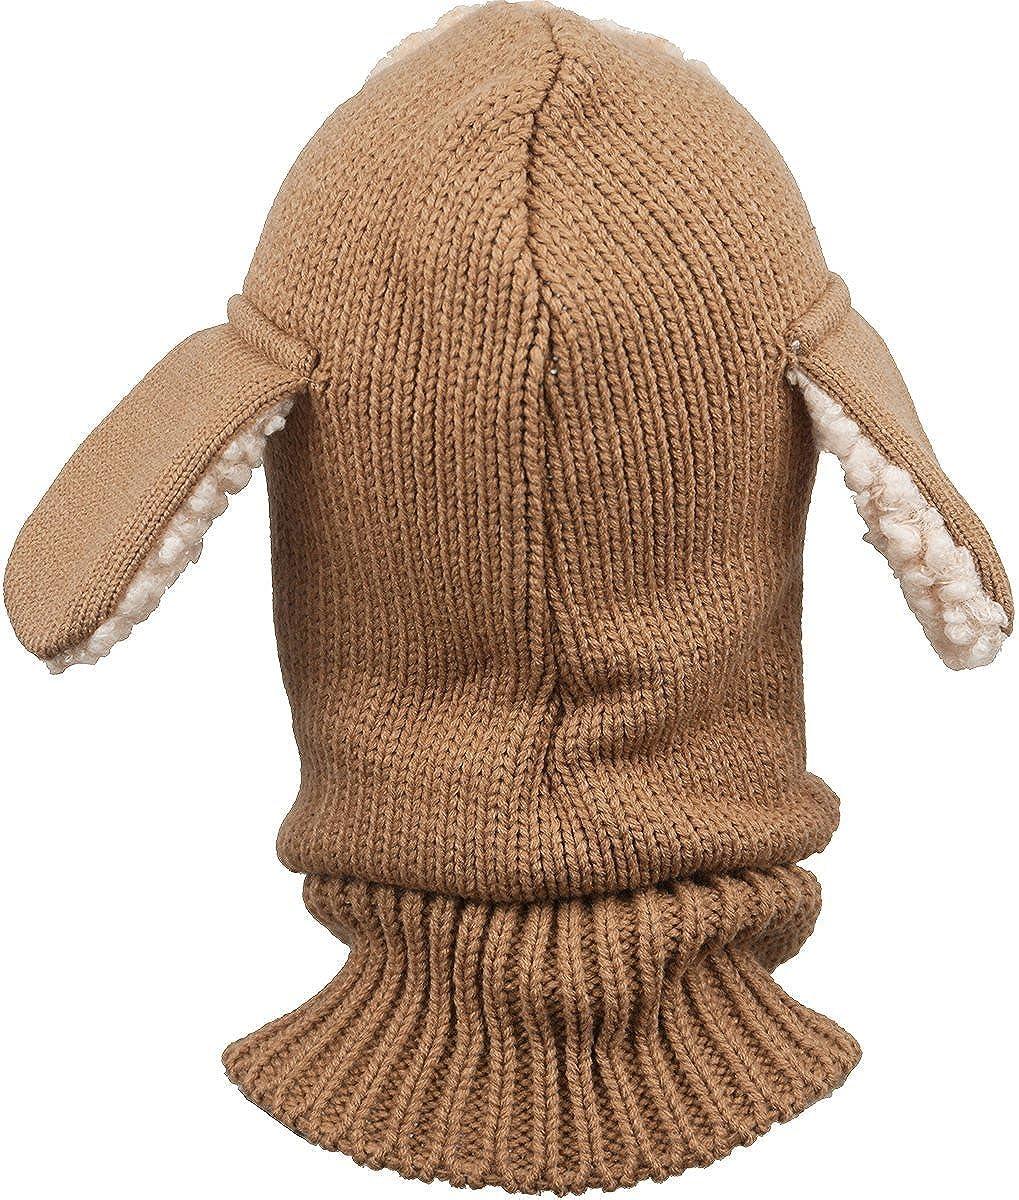 Yuson Girl B/éb/é Unisexe Chaud Chiot Manteau Echarpe Ch/âle B/éb/é Infantile Smart Hat